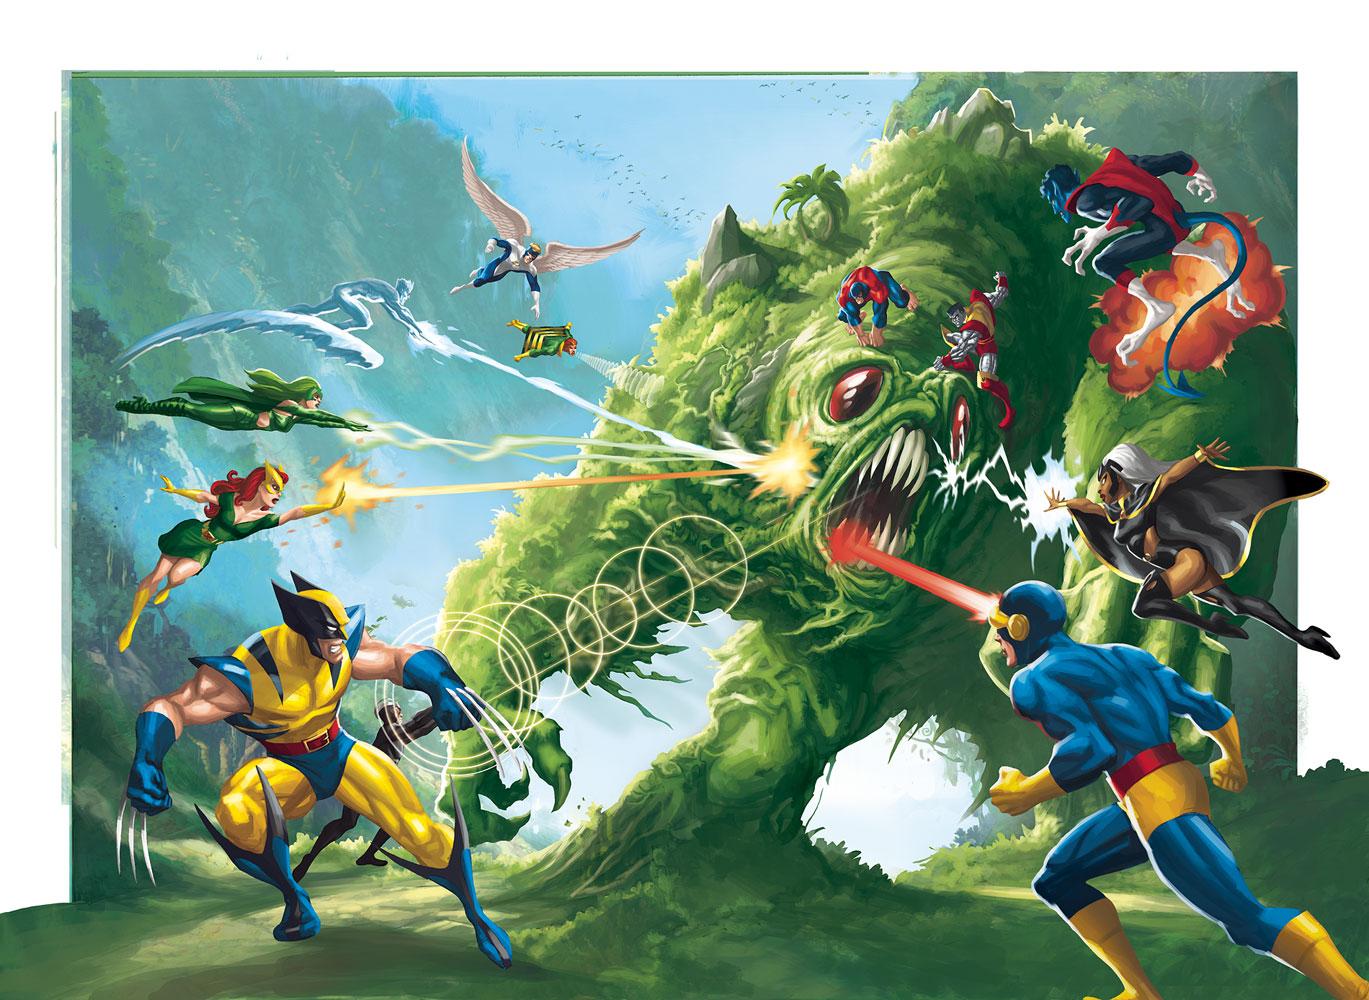 X-Men origins 36-37 by JPRart